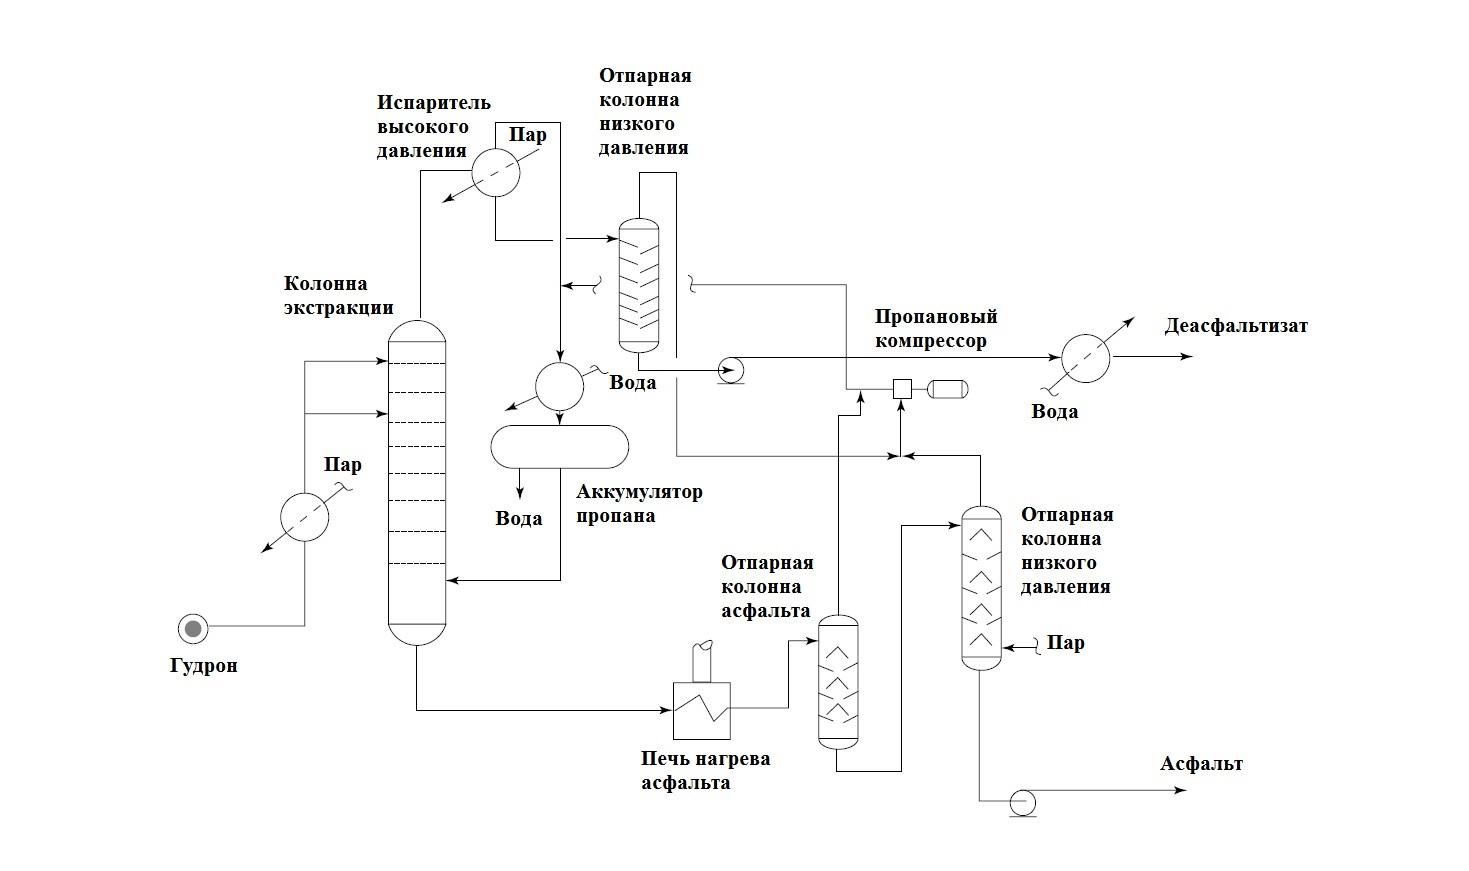 Конфигурация установки деасфальтизации гудрона пропаном